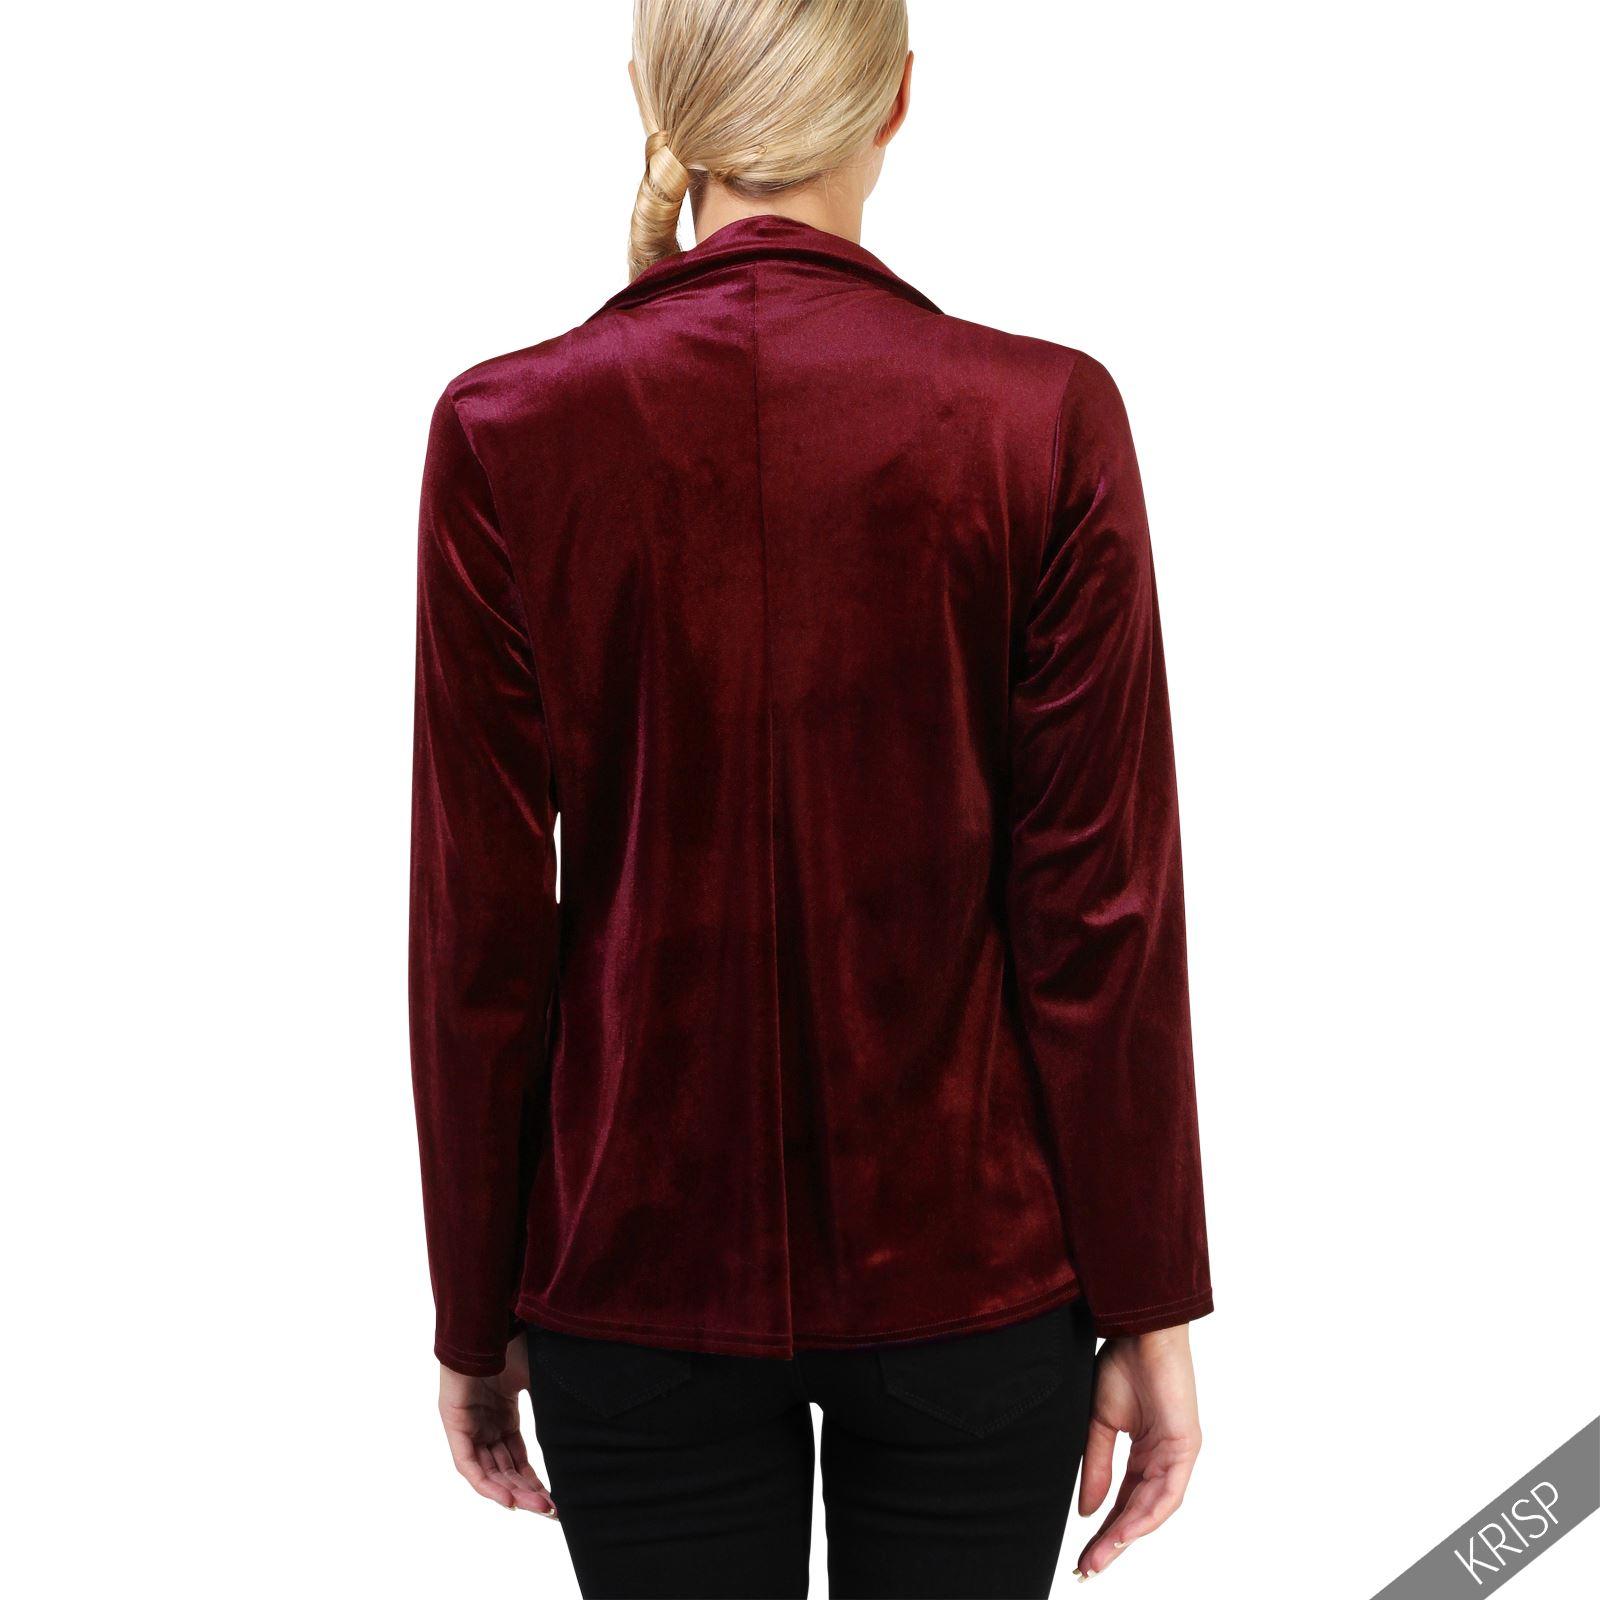 Velvet jackets for women